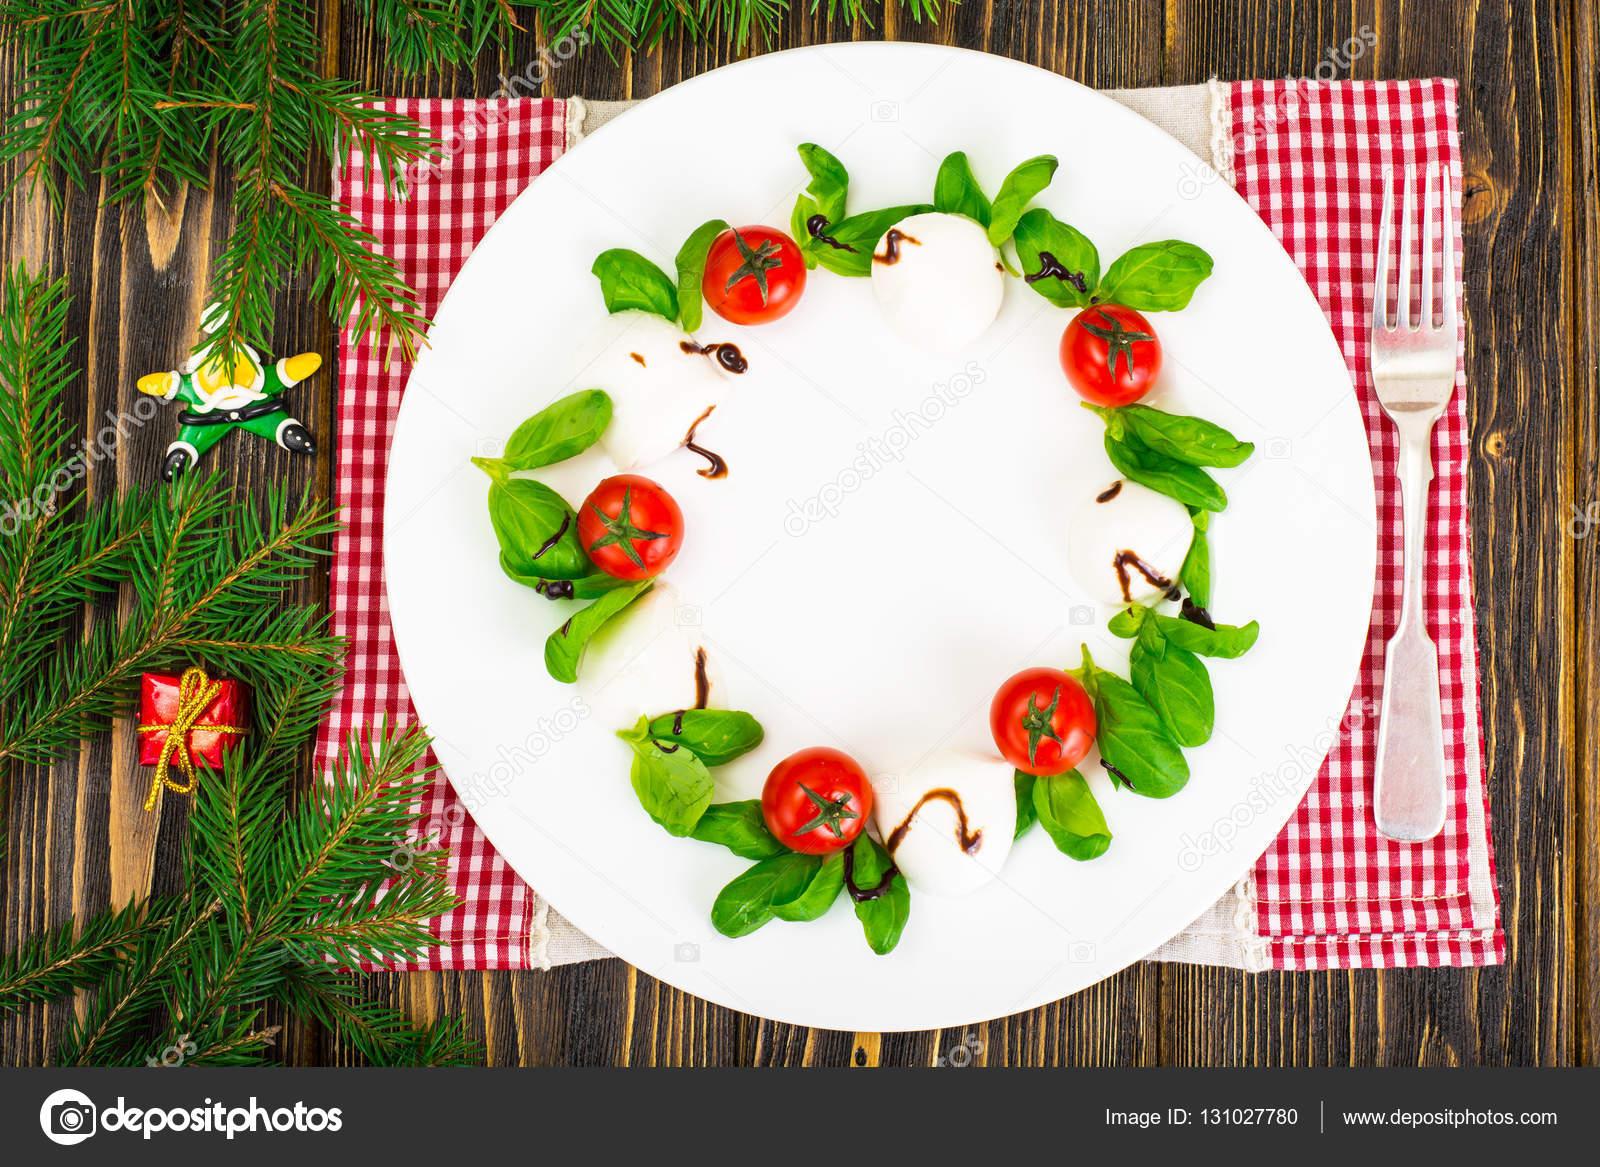 Kerst krans caprese salade feestelijke voorgerecht op een wit plat